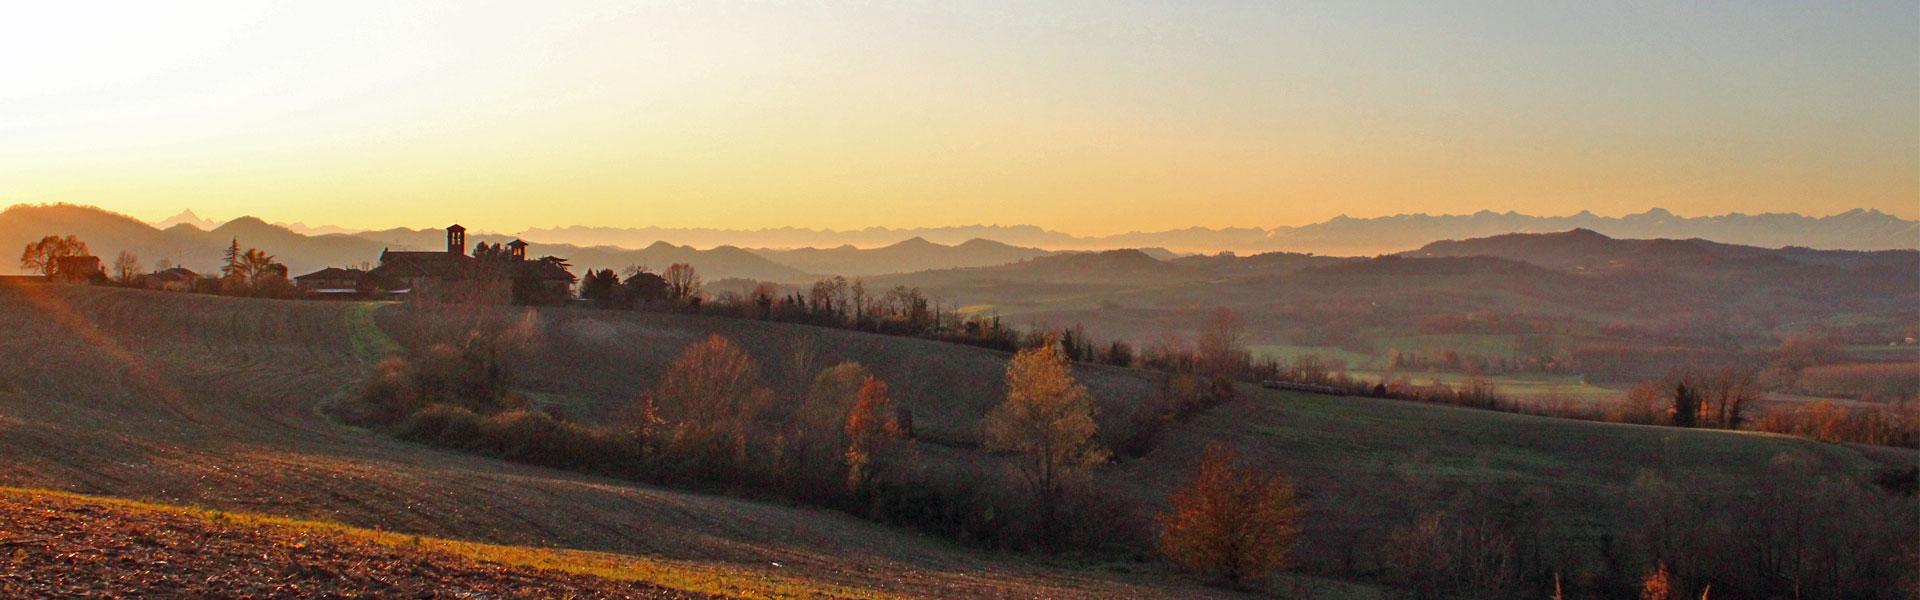 vista sulle colline del monferrato al tramonto